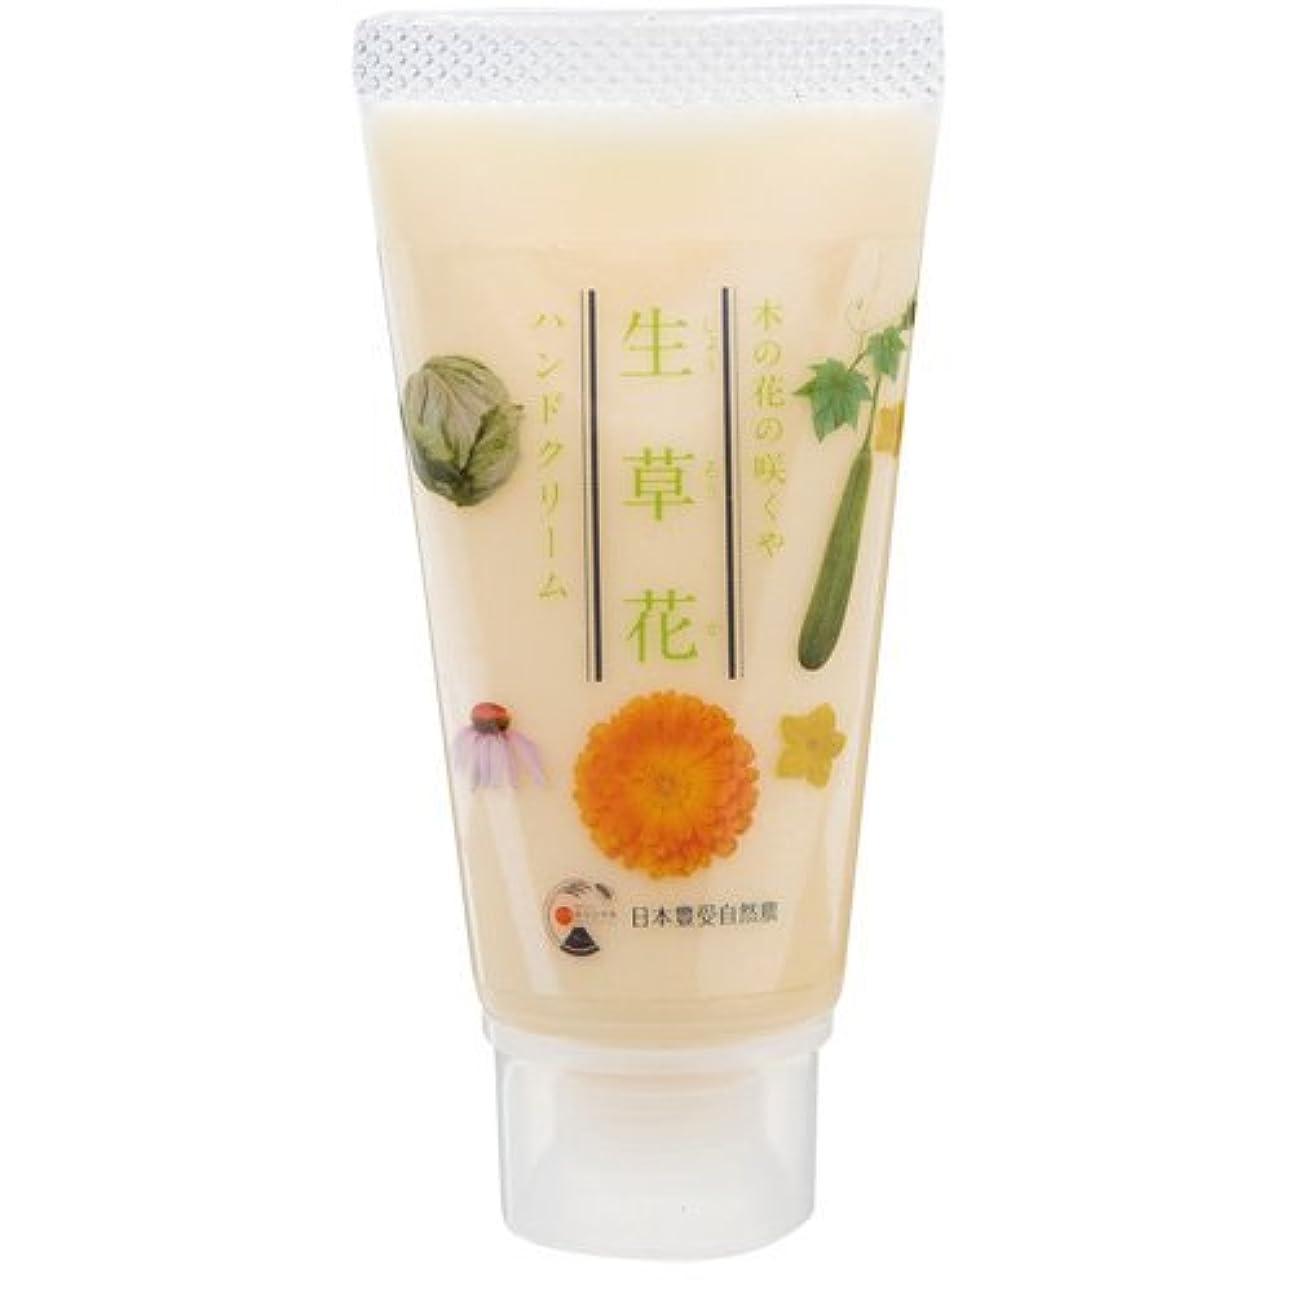 船尾スモッグ見る人日本豊受自然農 木の花の咲くや 生草花 ハンドクリーム 30g